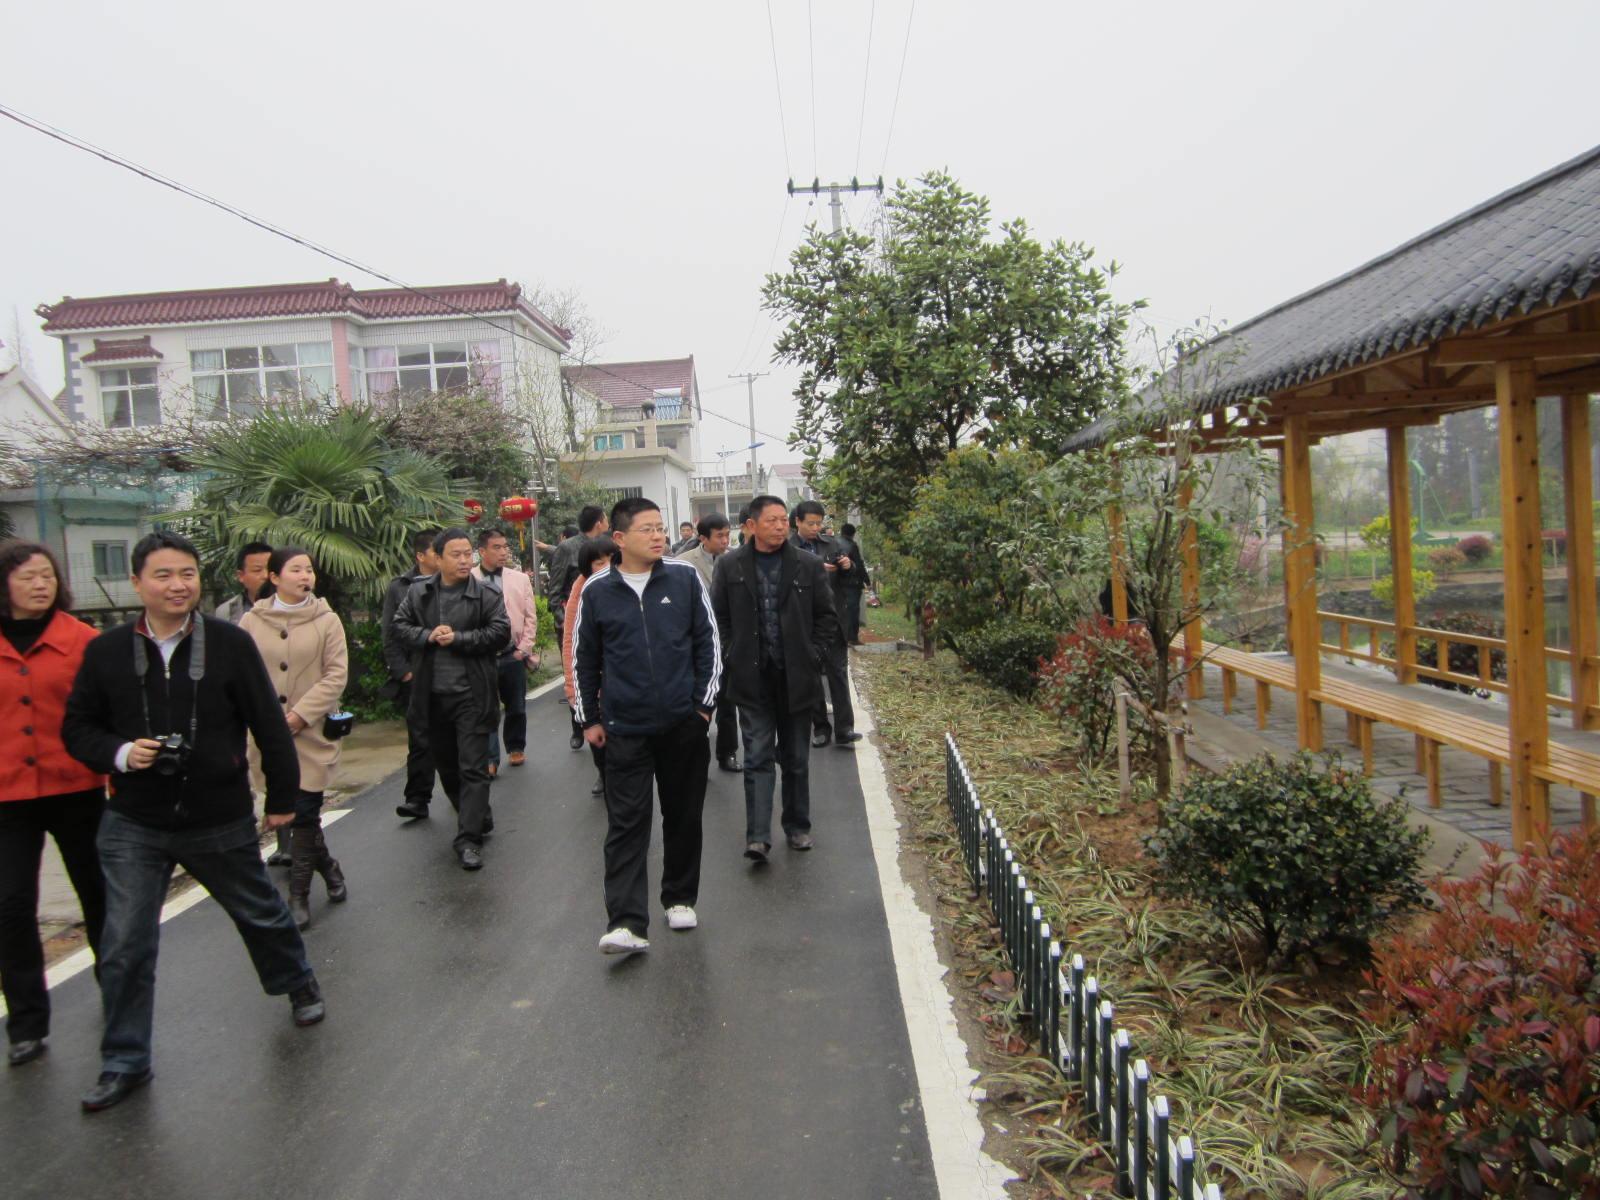 杨滩乡赴周边地区考察学习美好乡村建设